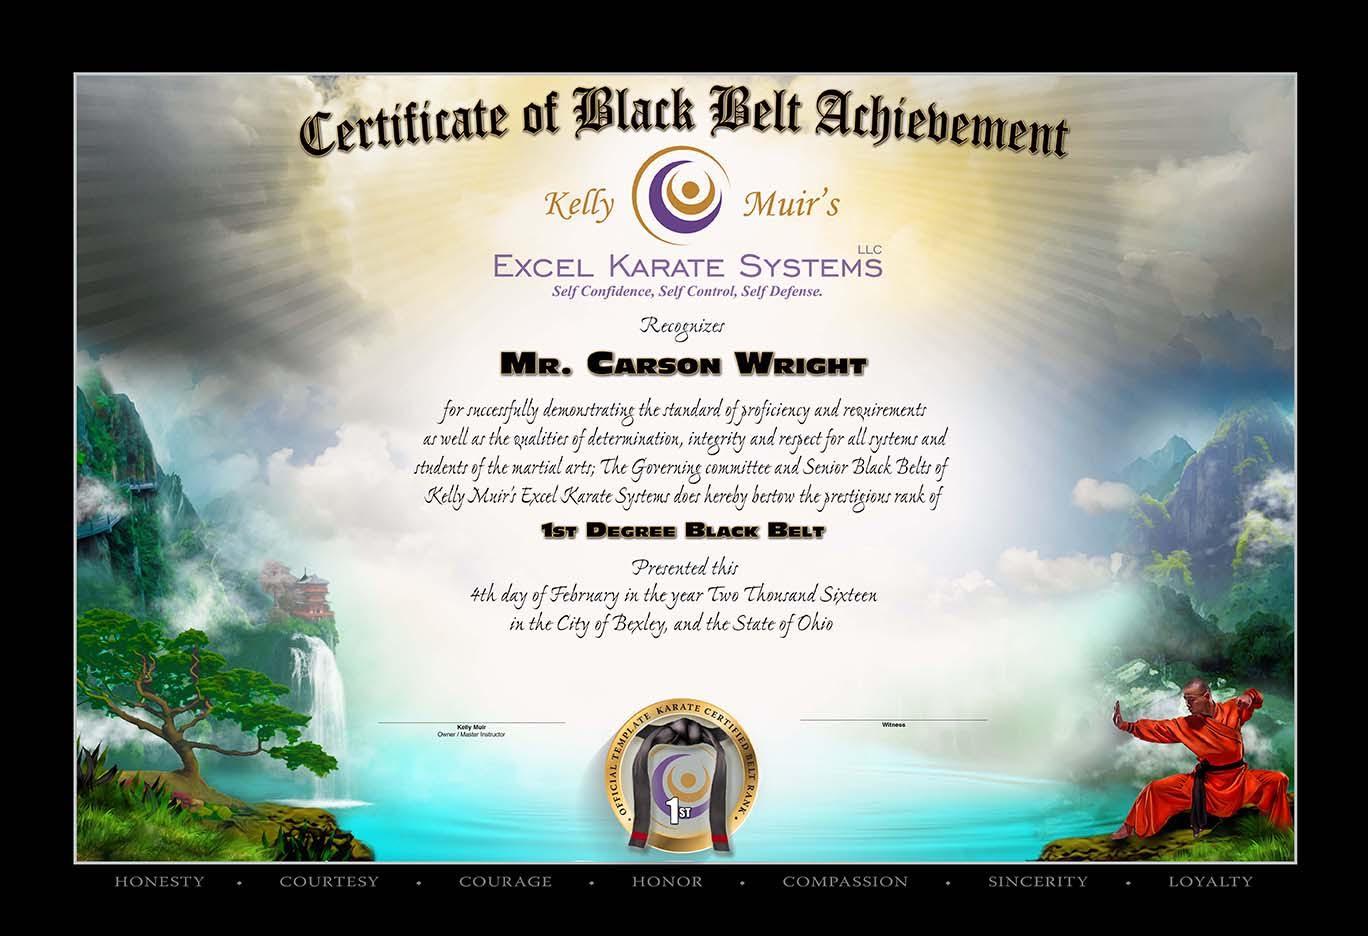 Kelly Muirs Excel Karate Black Belt Testing Feb 4 2016